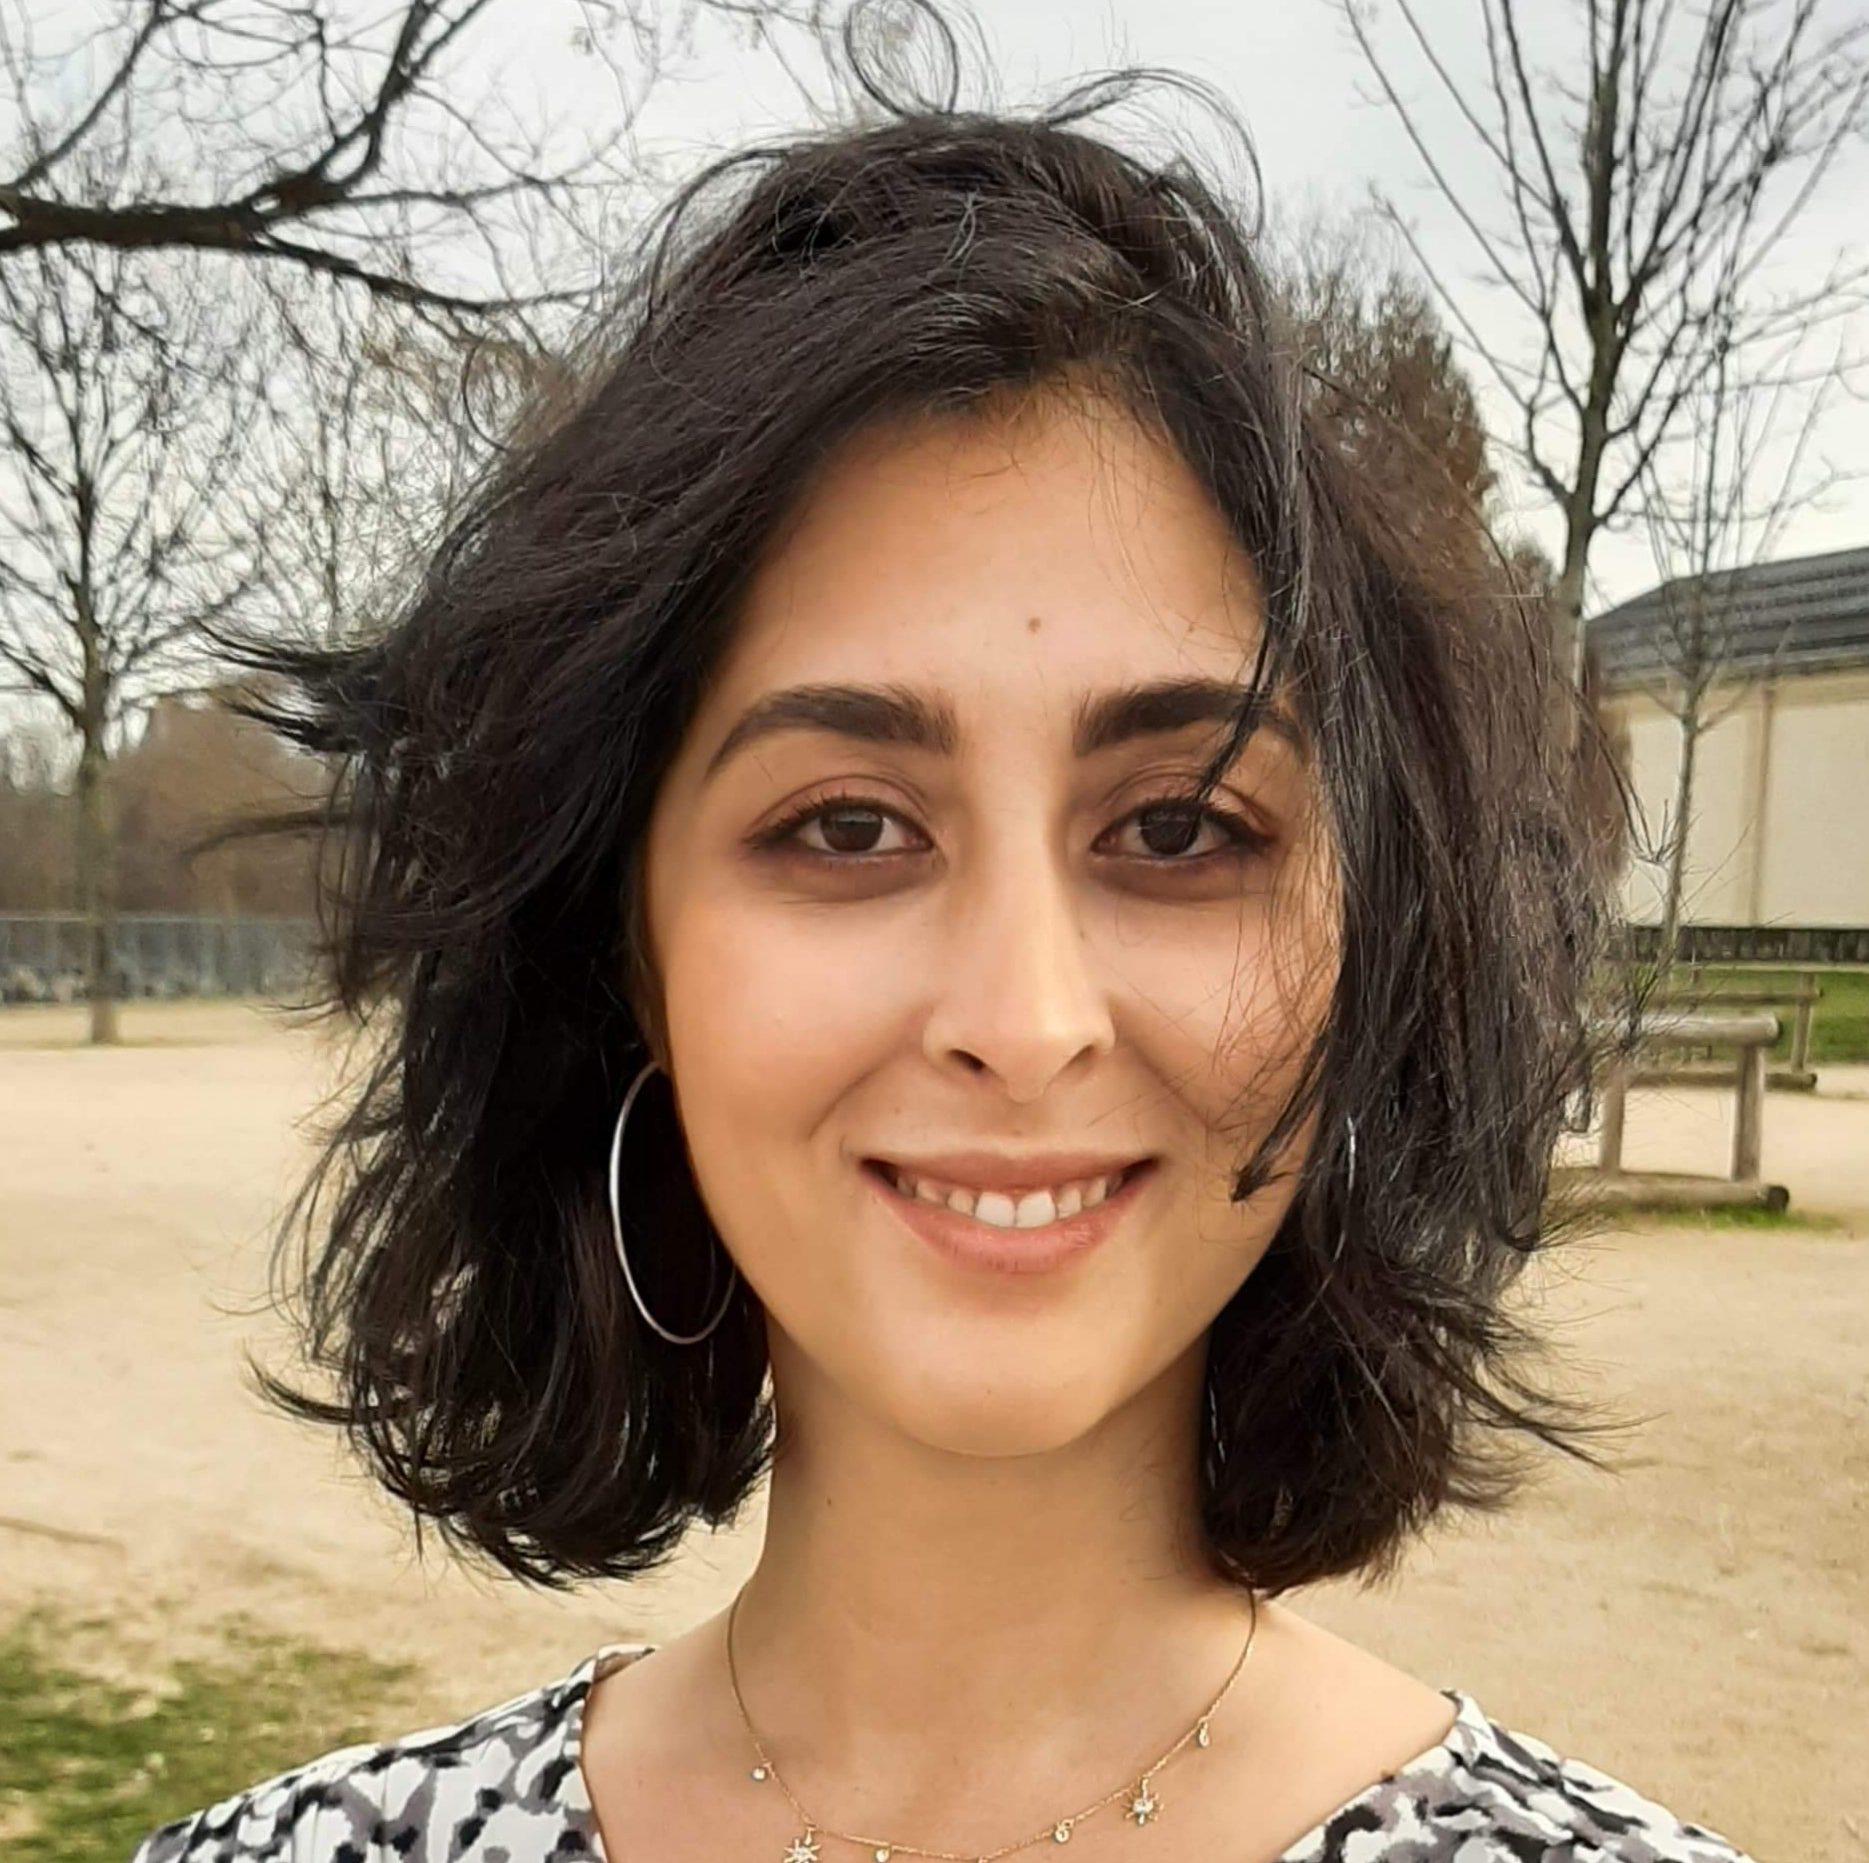 Portrait photo Samia Majid